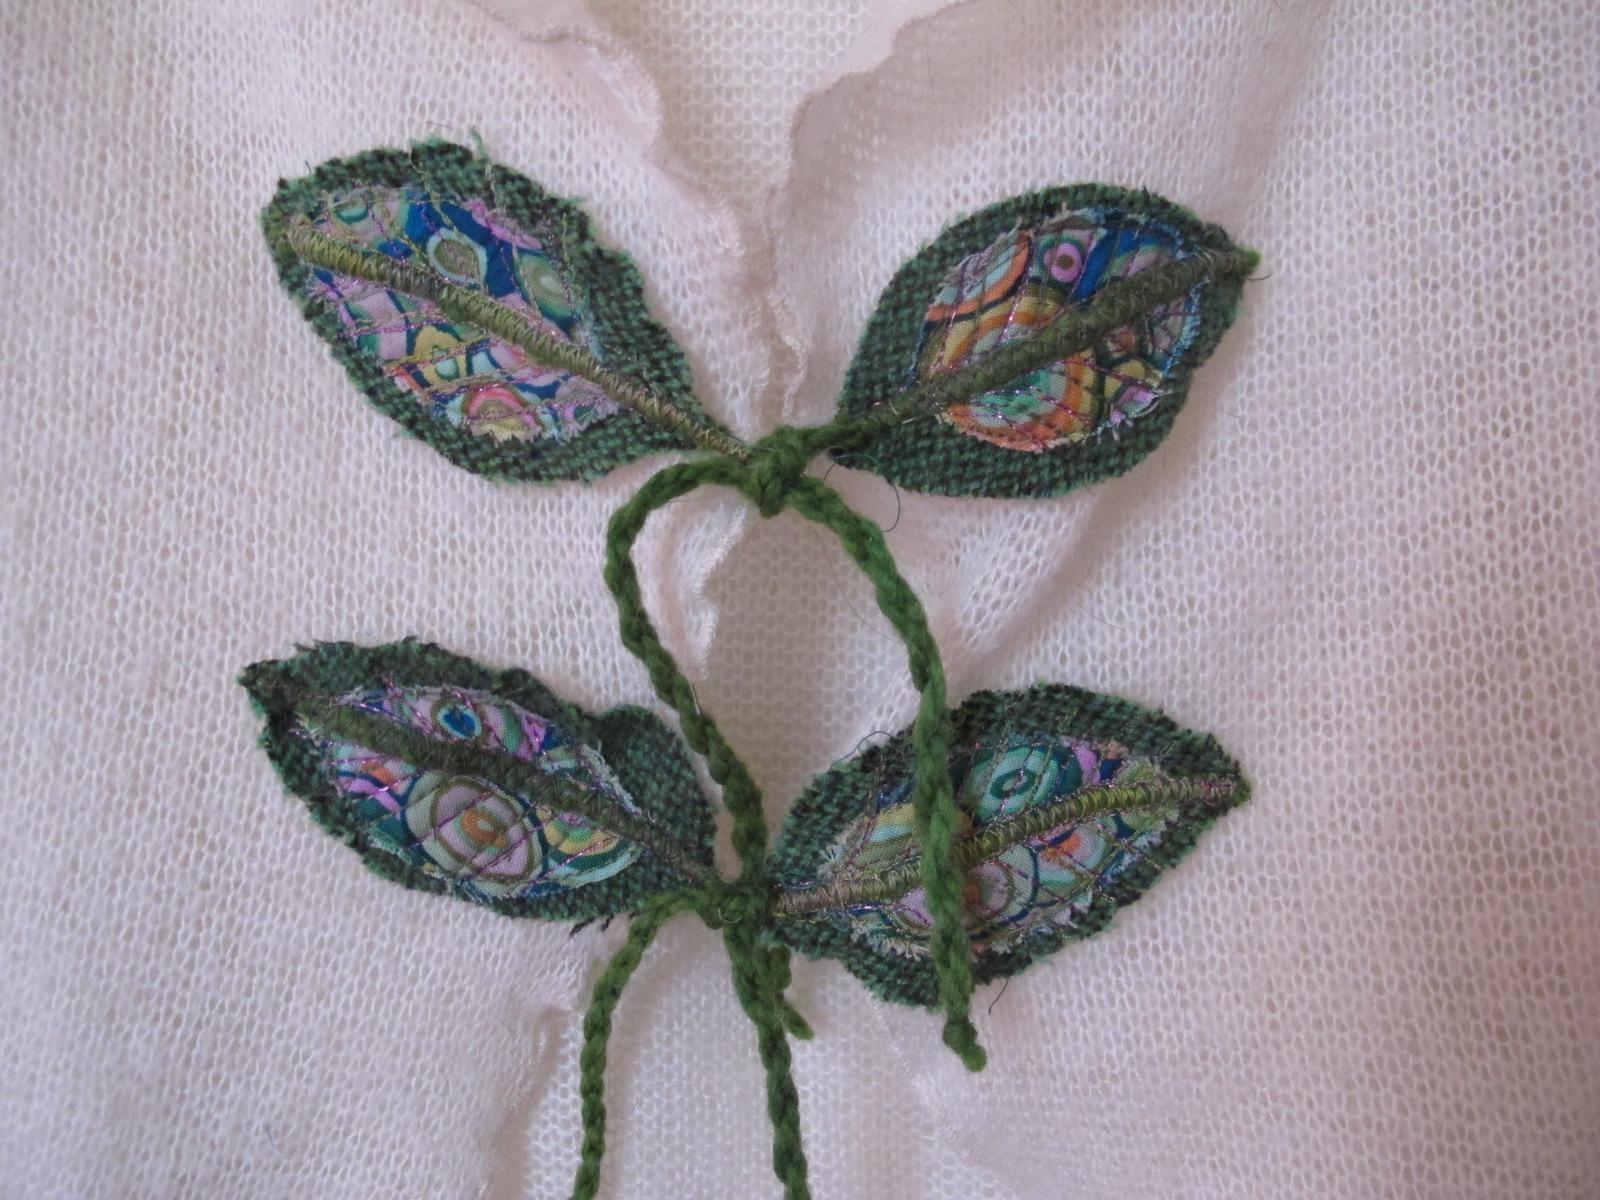 hebras de lana, tela de algodón y quilteadas con hilos metalizados ...